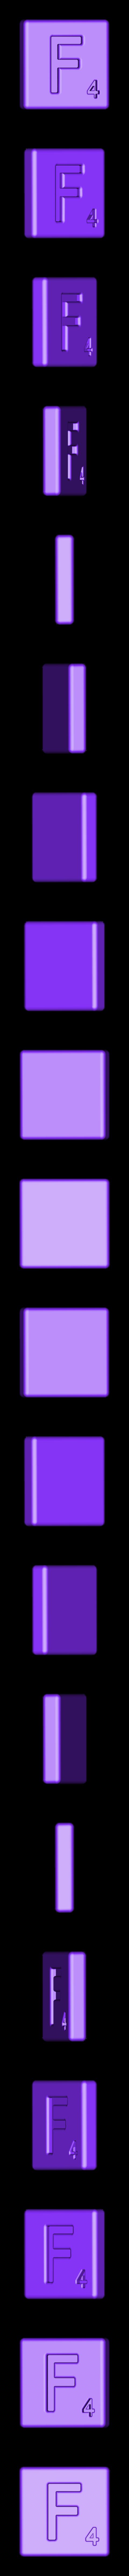 Single_Cut_F.STL Télécharger fichier STL gratuit Pièces et support SCRABBBLE • Design pour imprimante 3D, Balkhagal4D